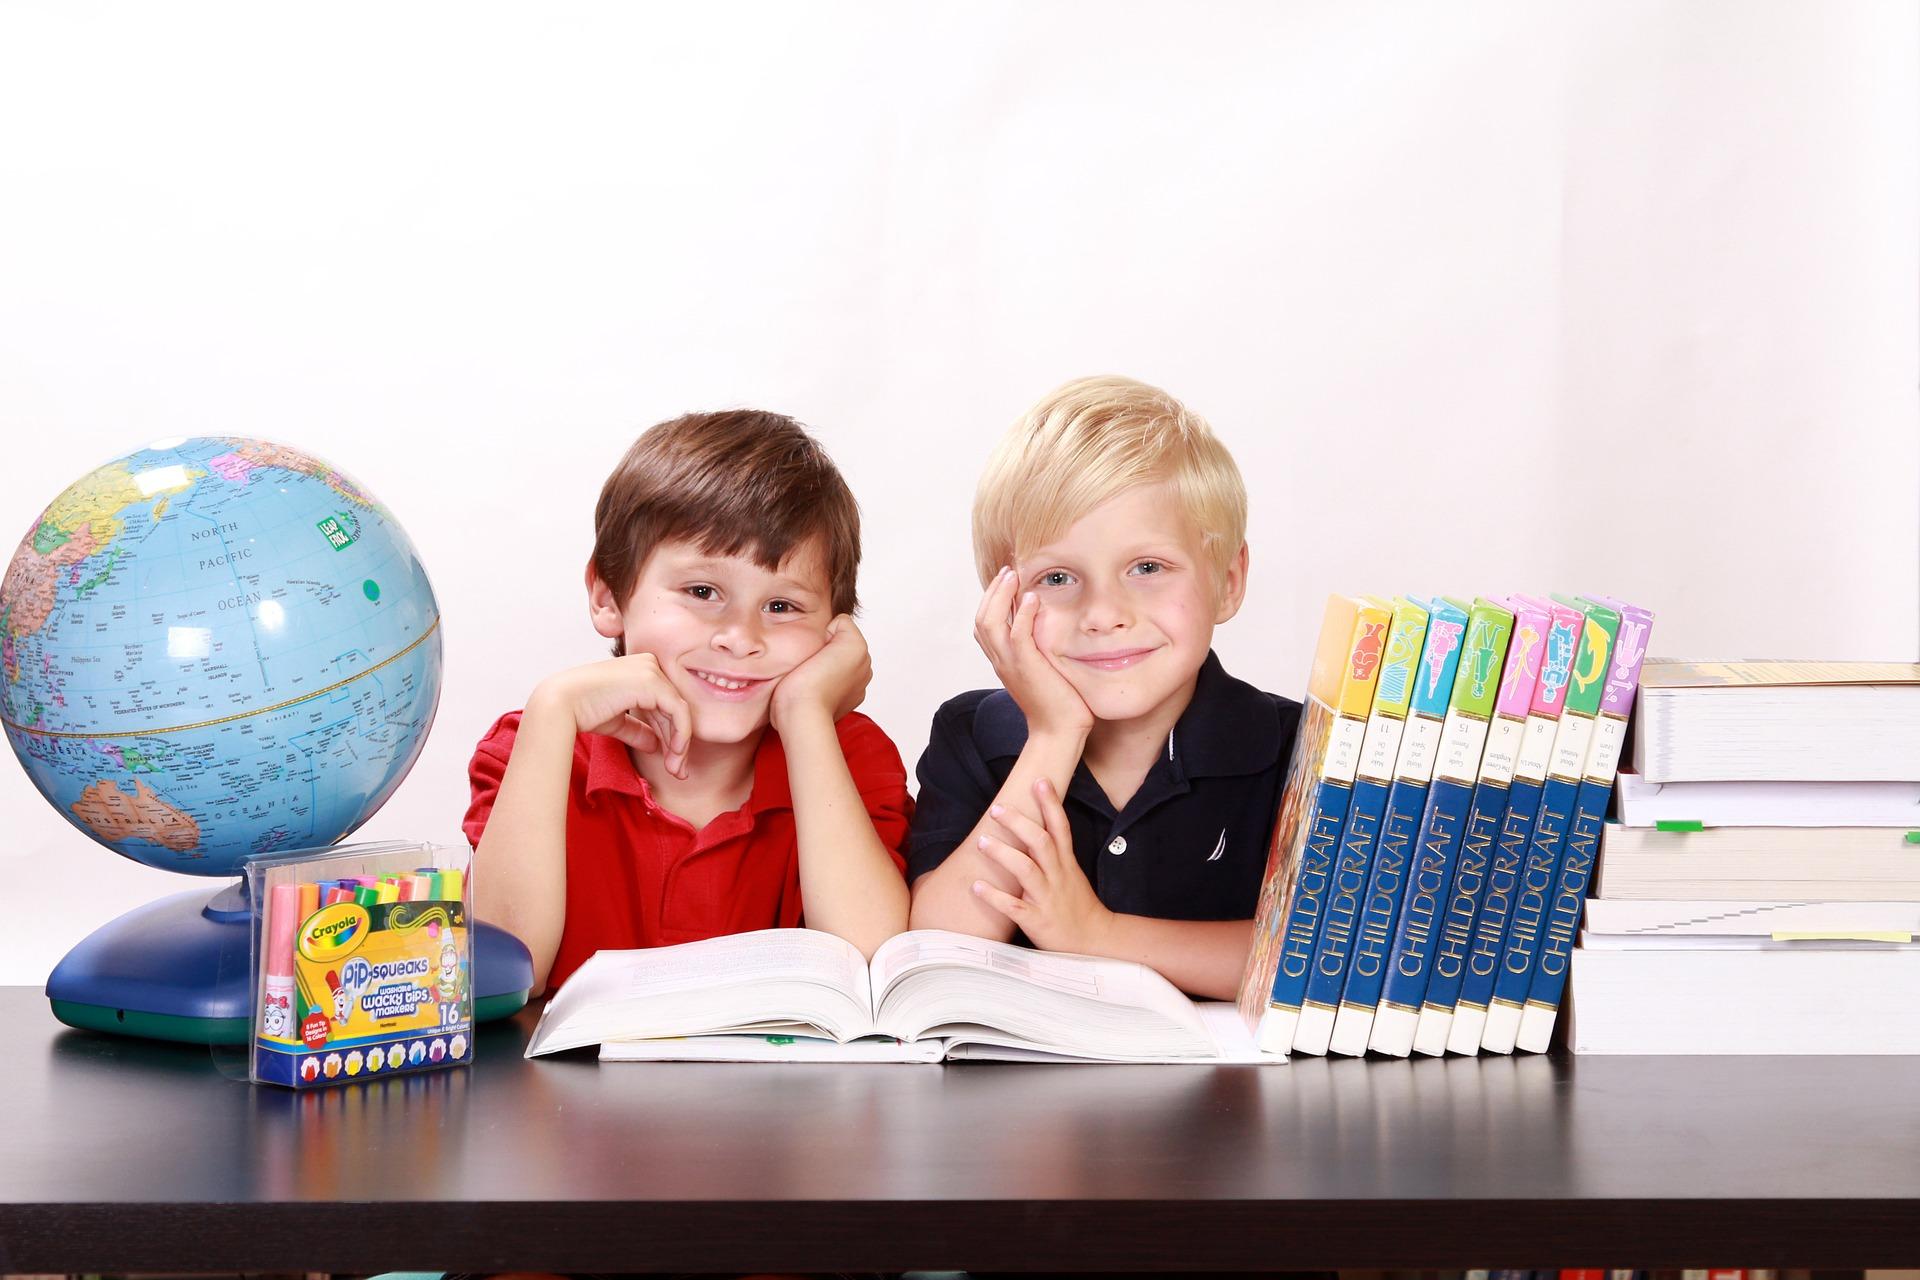 出身小学校によって将来の年収が決まる?!